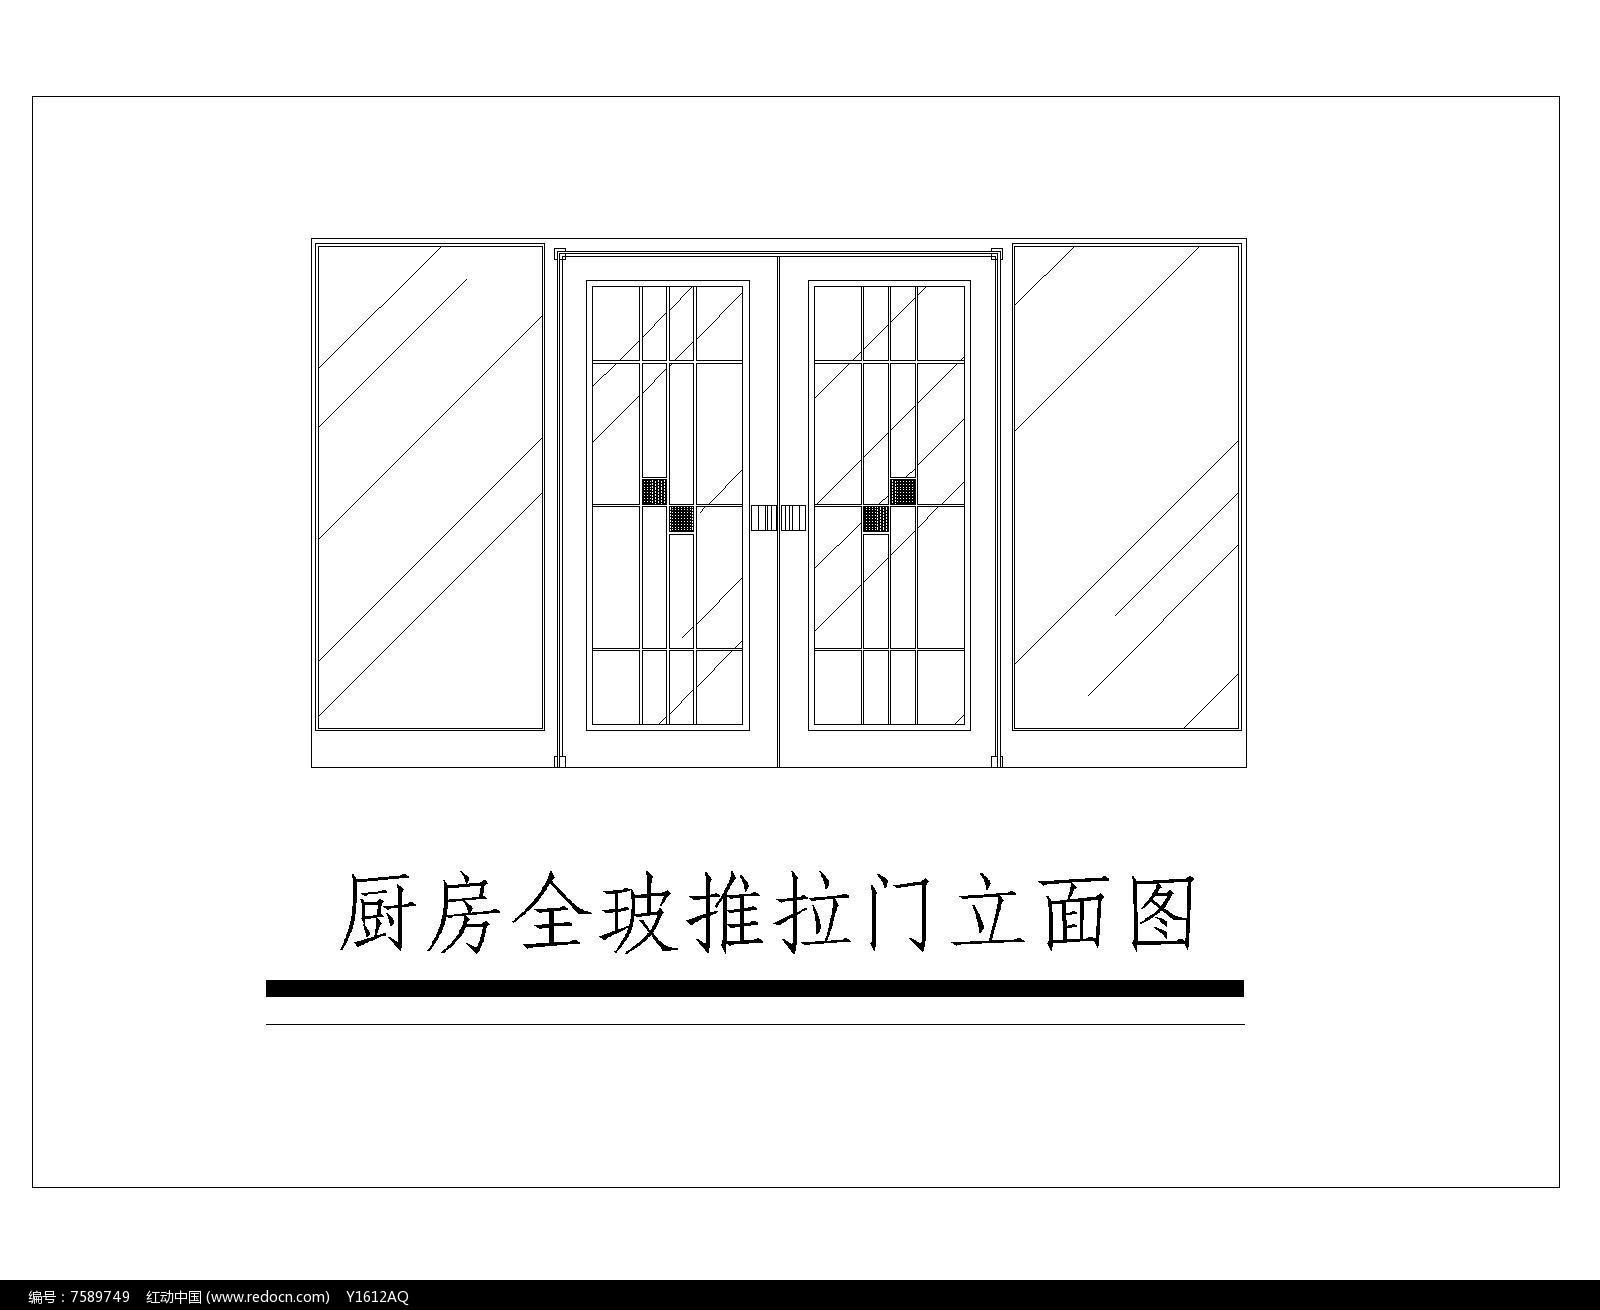 原创设计稿 cad图库 建筑套图 厨房全玻璃推拉门立面图  请您分享: 红